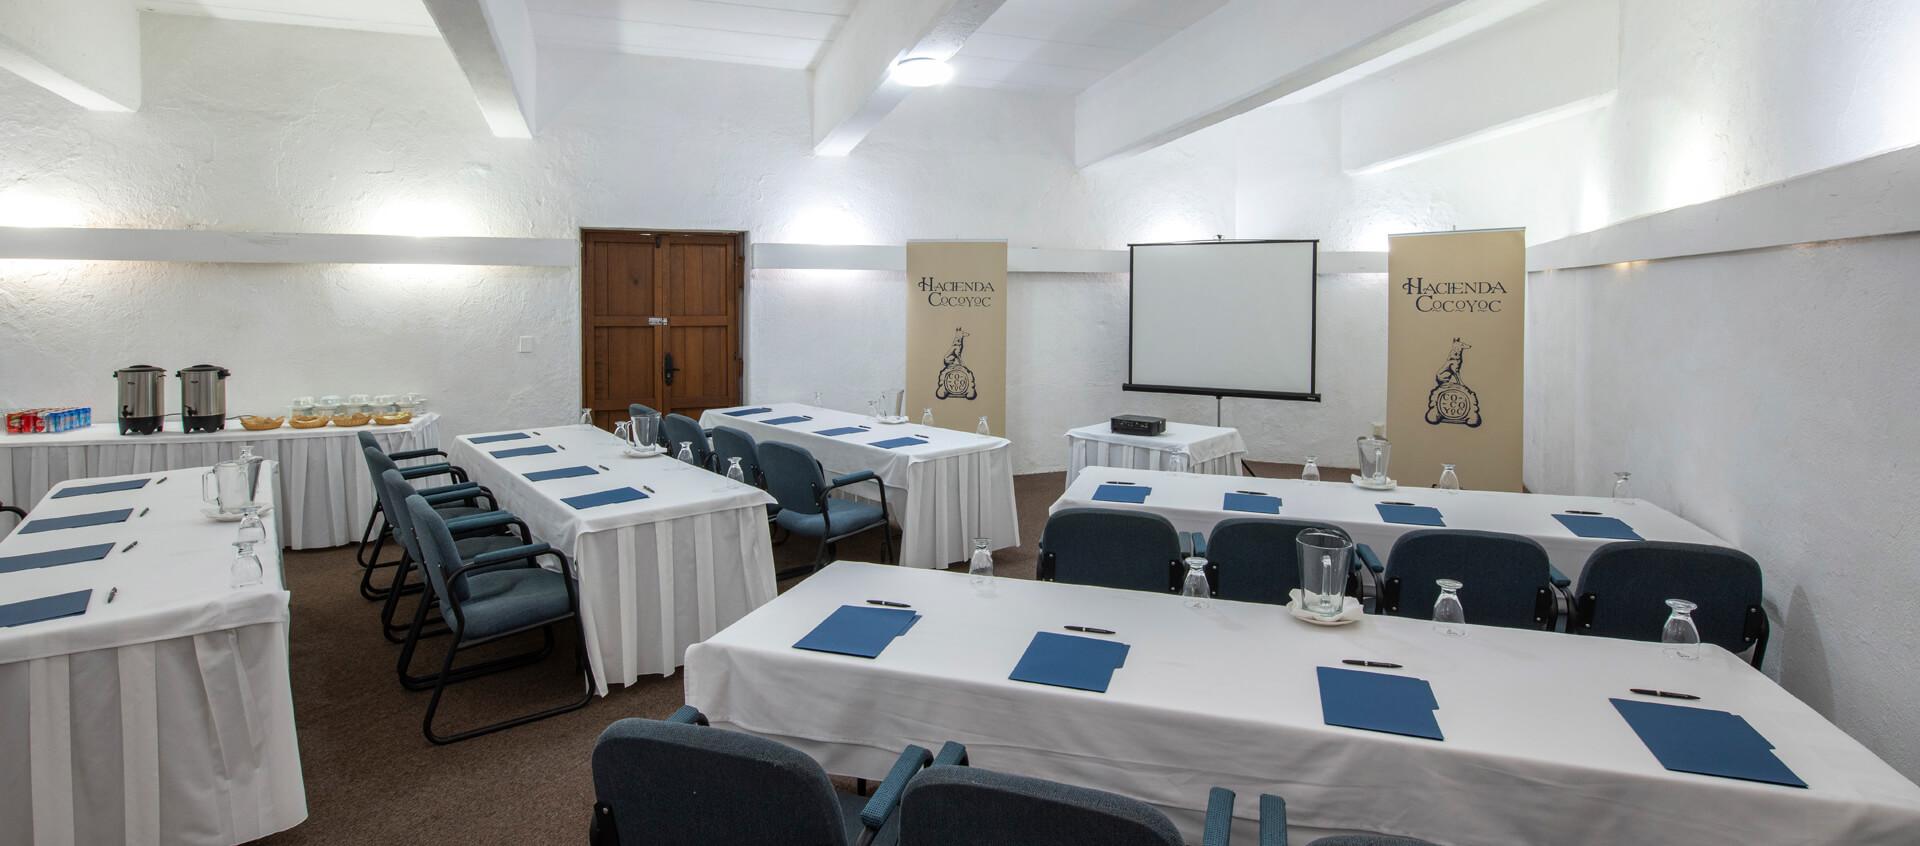 Sala-Diego-Rivera-HaciendaCocoyoc-eventos-empresariales